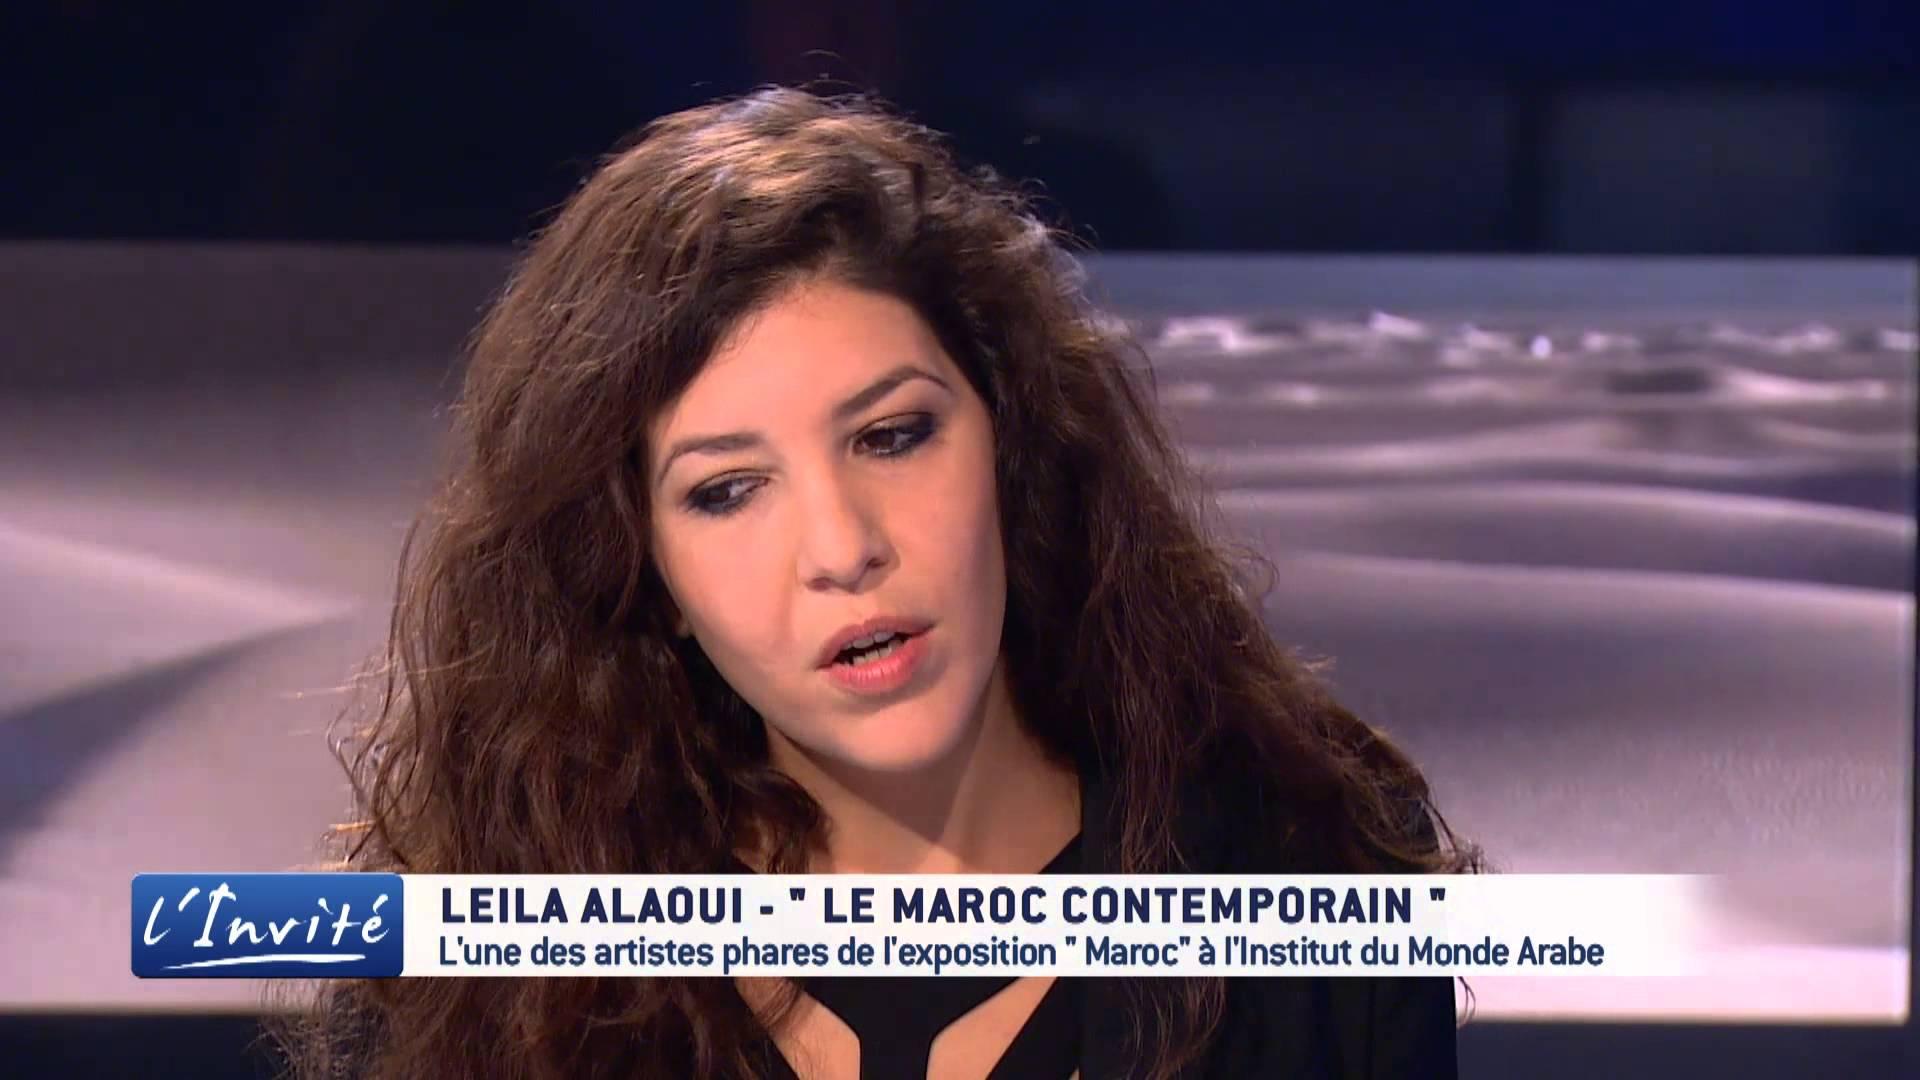 المصورة المغربية الراحلة ليلى العلوي في حديث لقناة